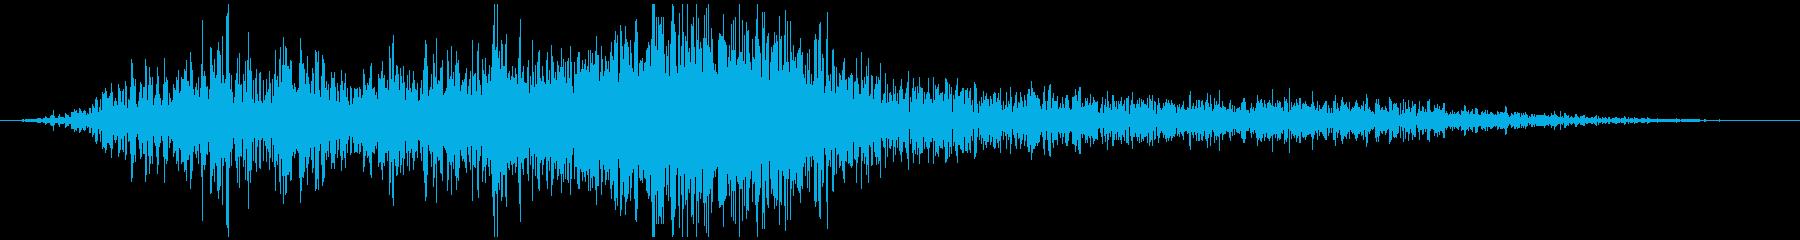 自動車通過音(左から右)の再生済みの波形